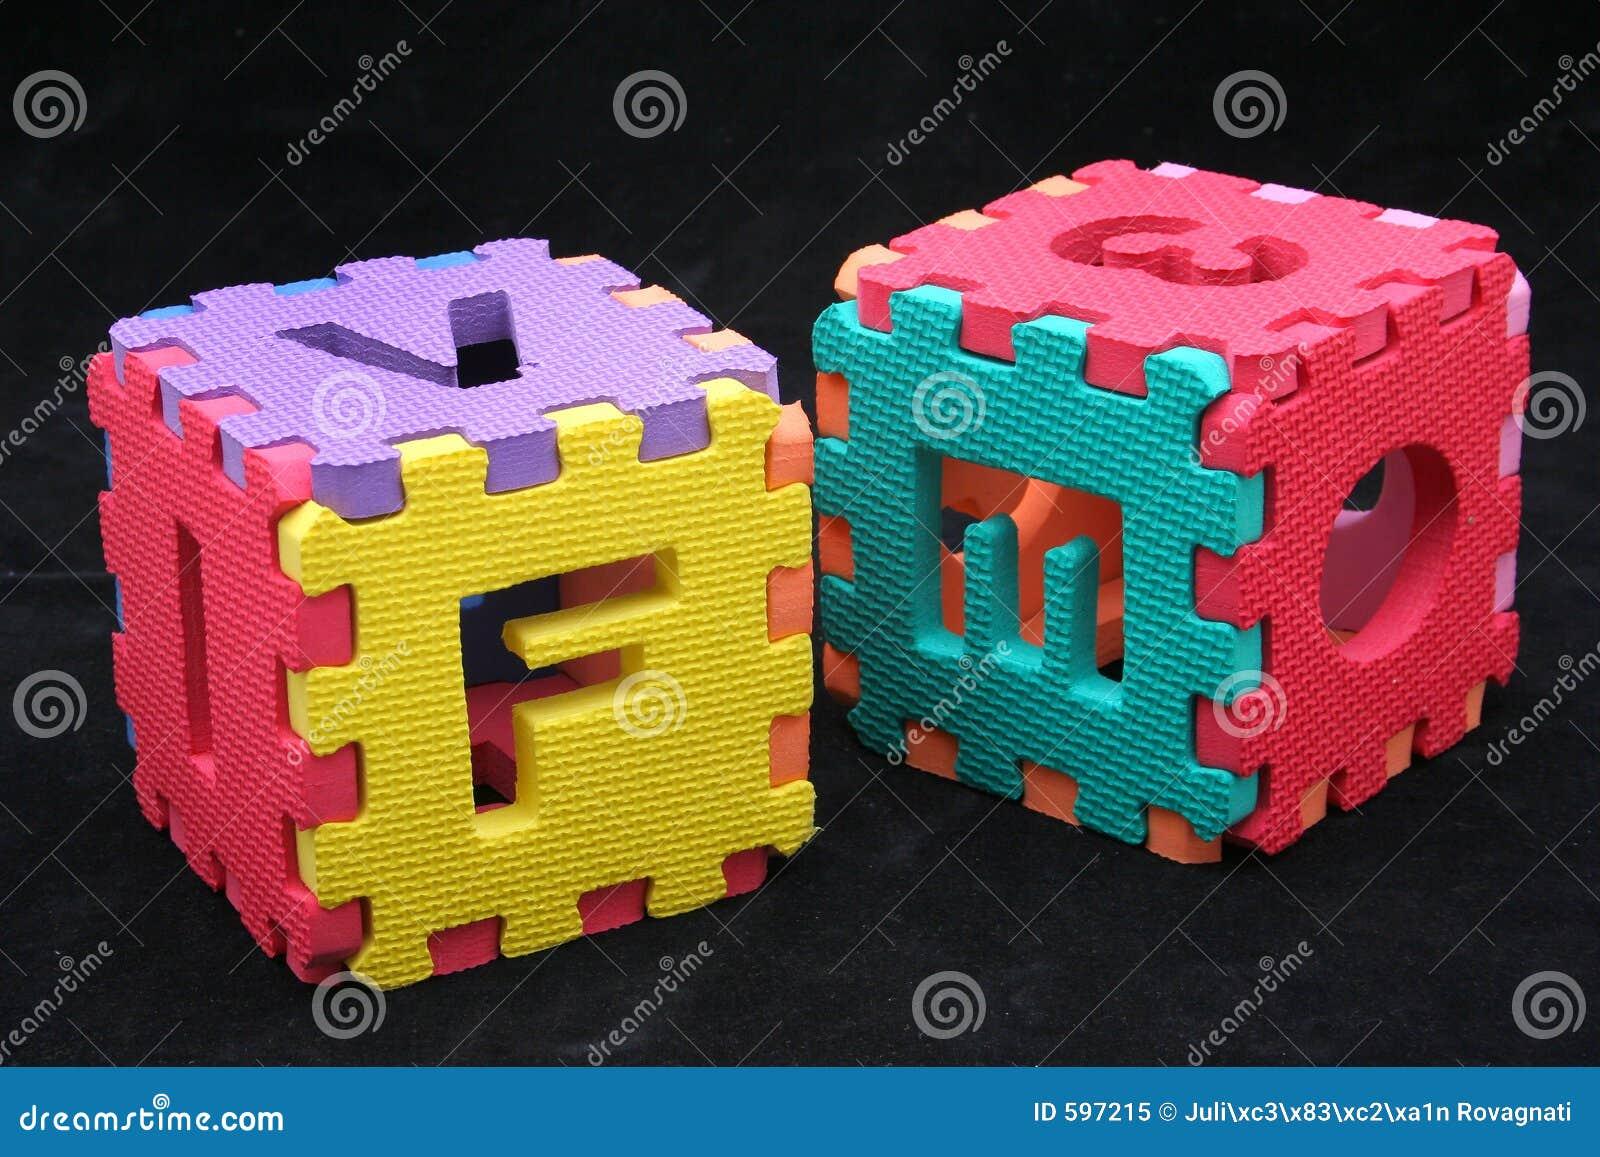 Cubes en puzzle avec des lettres